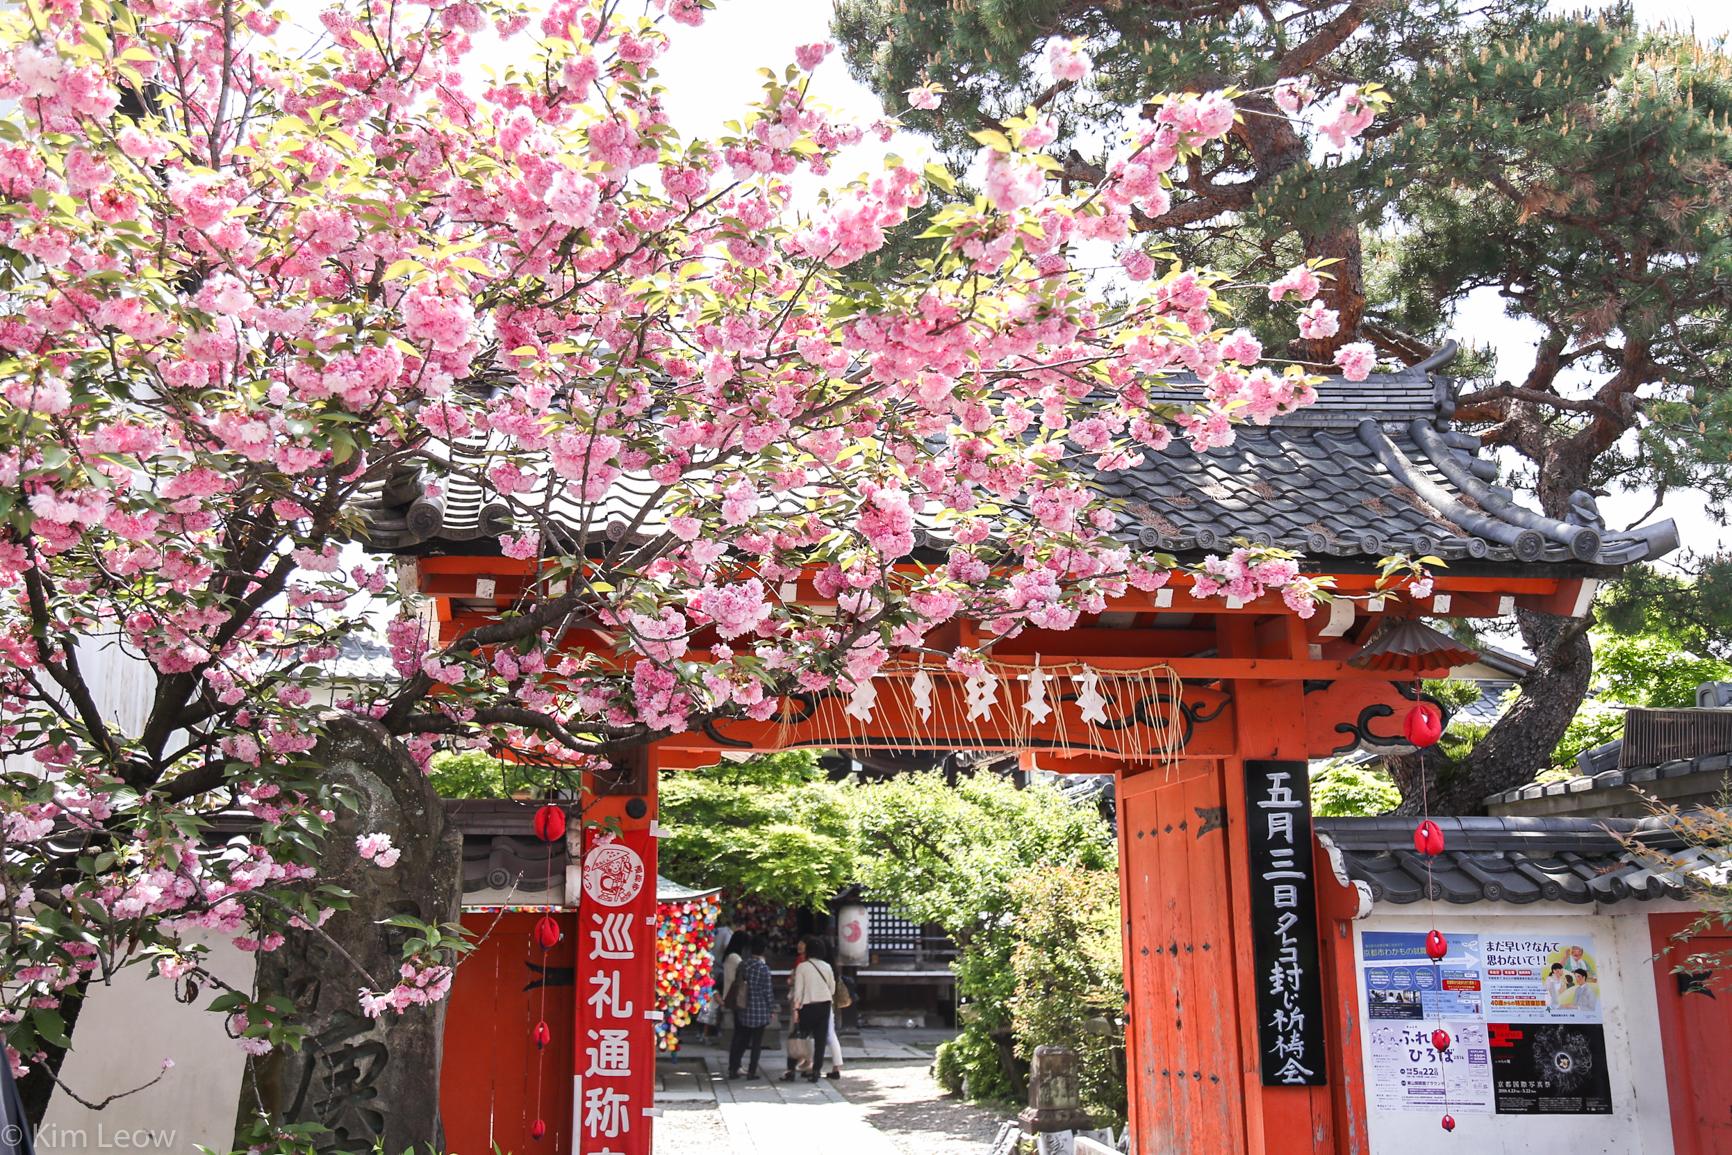 kimleow_cherryblossom_kyoto_travel-8.jpg